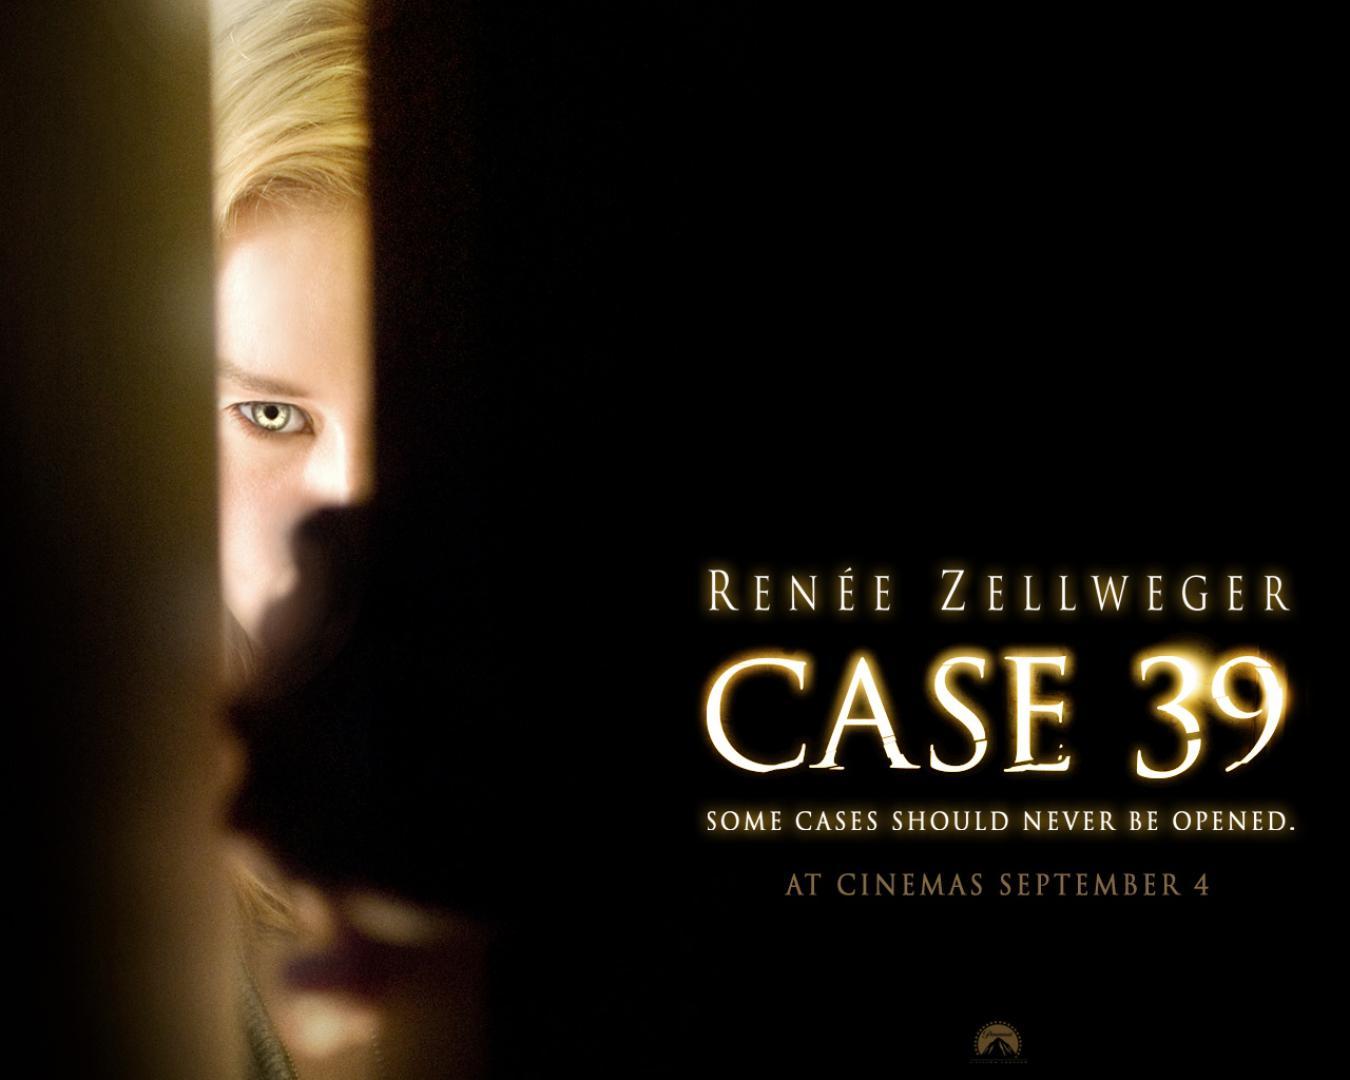 Case 39 - Védtelen gyermek (2009)